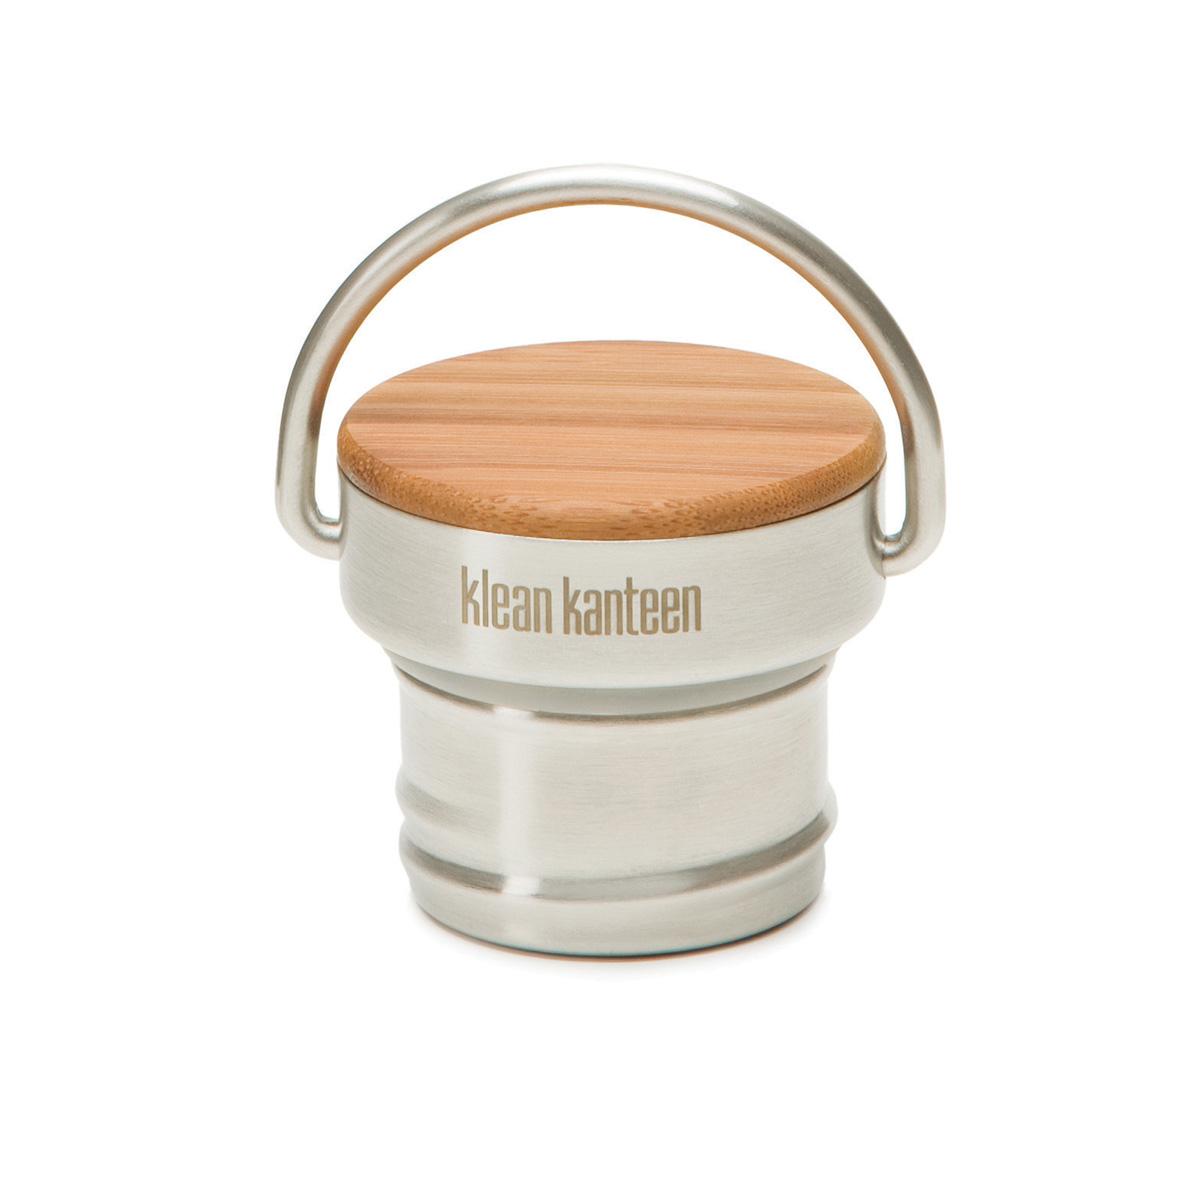 Bambukork till Klean Kanteen Classic vattenflaskor